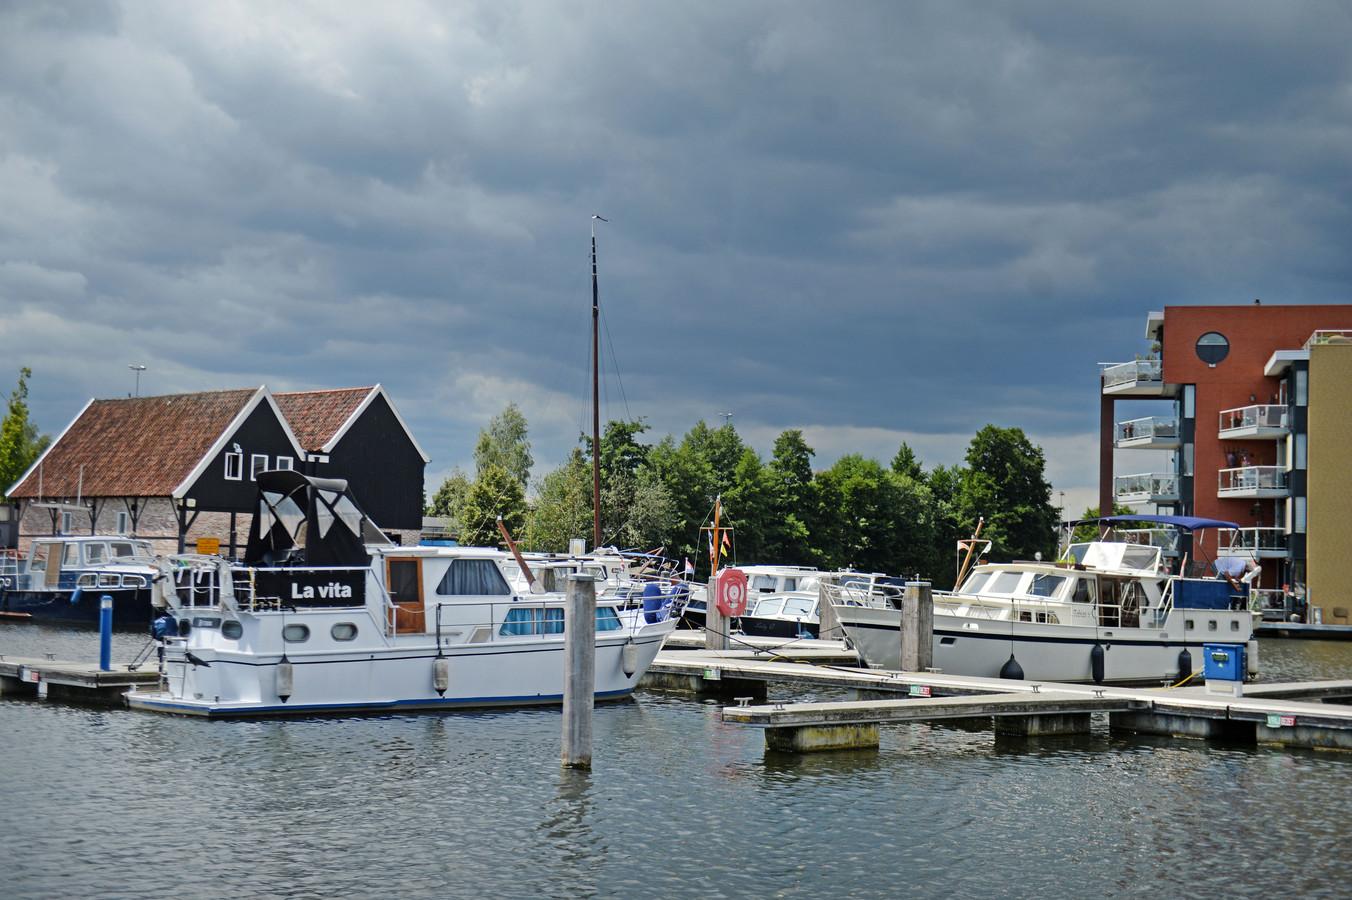 De jachthaven in Almelo. Met links de houtstek. In deze voormalige houtzagerij zijn onder meer sanitaire voorzieningen en is het bureau van de havenmeester ondergebracht.